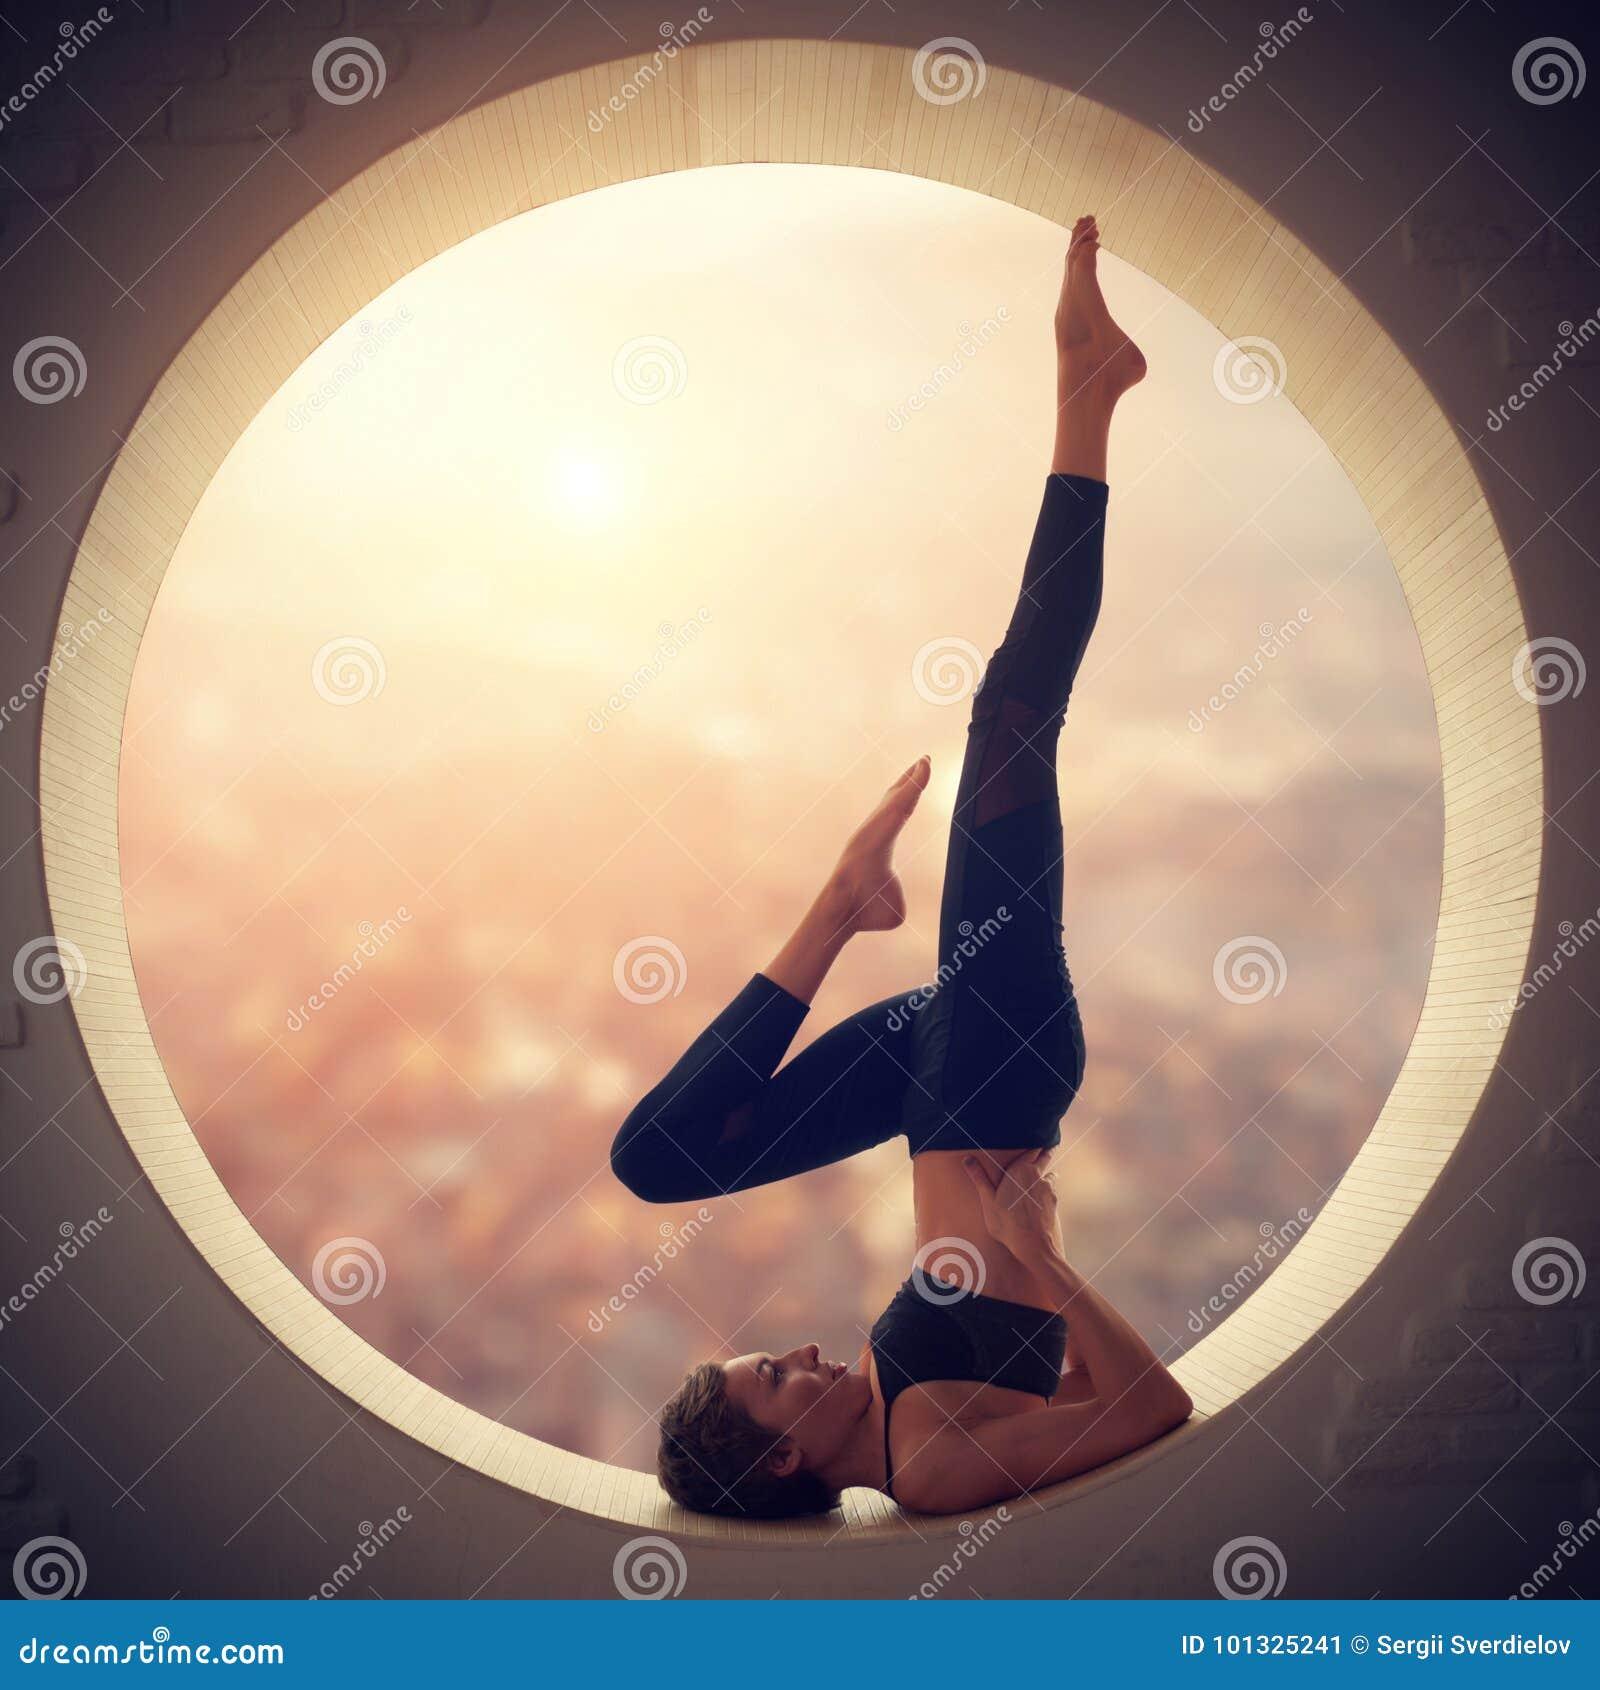 Красивая sporty женщина yogi пригонки практикует йогу Salamba Sarvangasana - представление shoulderstand в окно